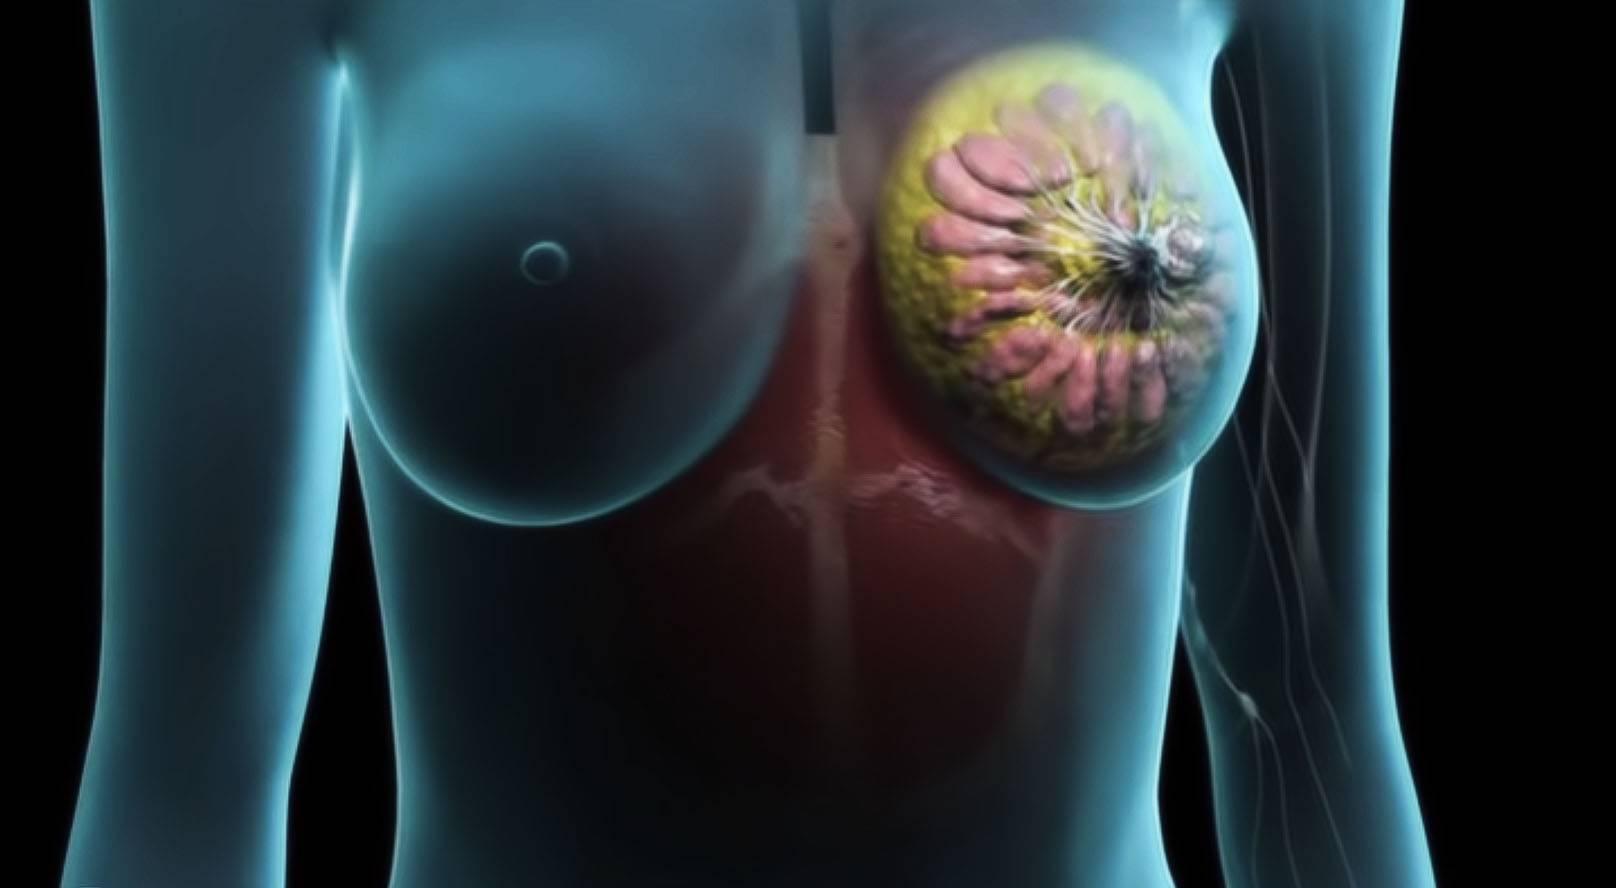 Операция при раке молочной железы и от чего зависит выбор хирургического лечения рака груди?